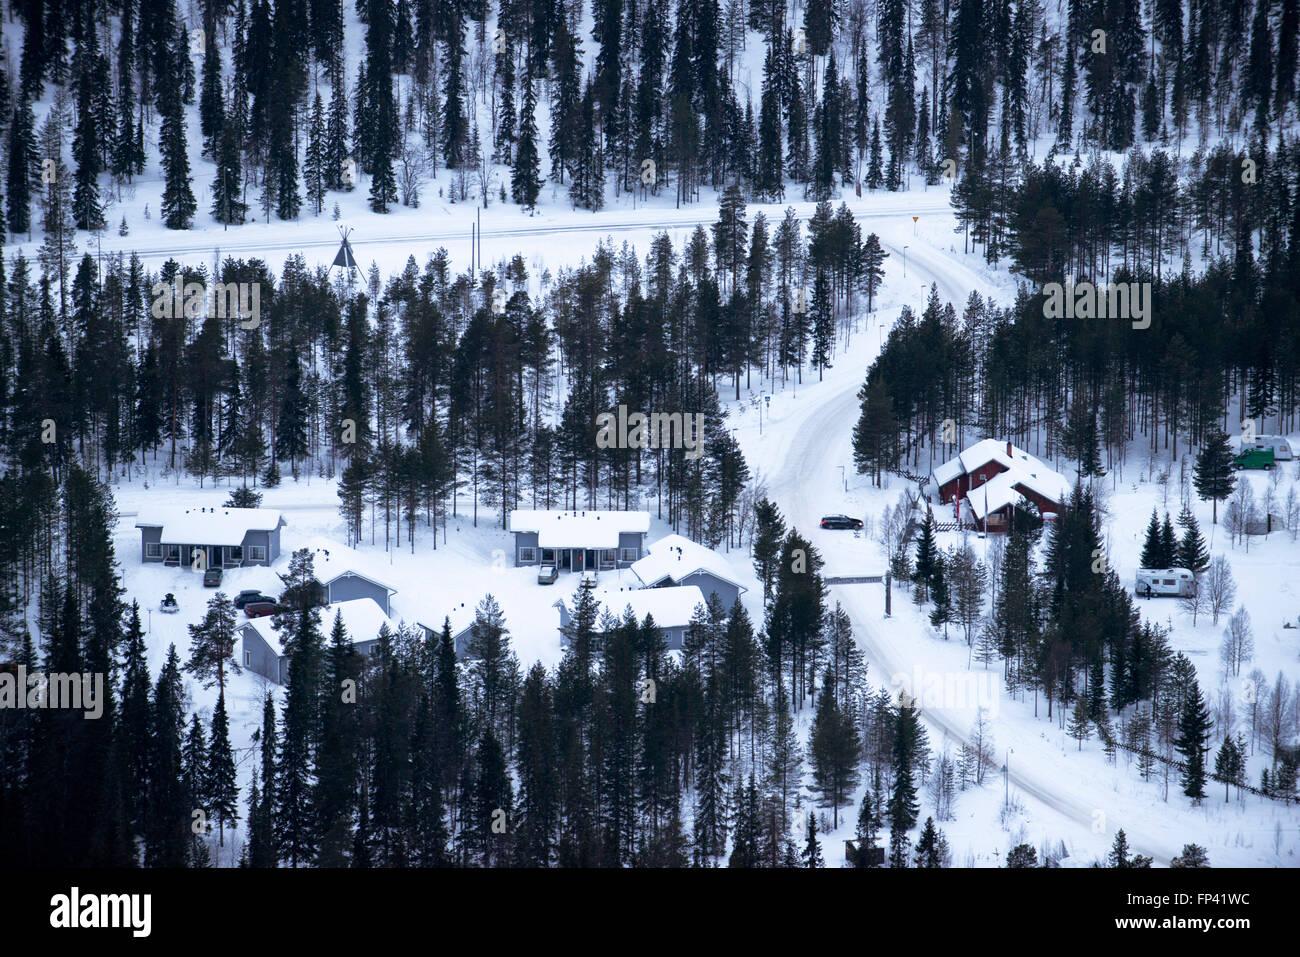 Hoteles cerca de la estación de esquí de Salla. Profundo en el desierto de nieve pesadamente cargado y Imagen De Stock